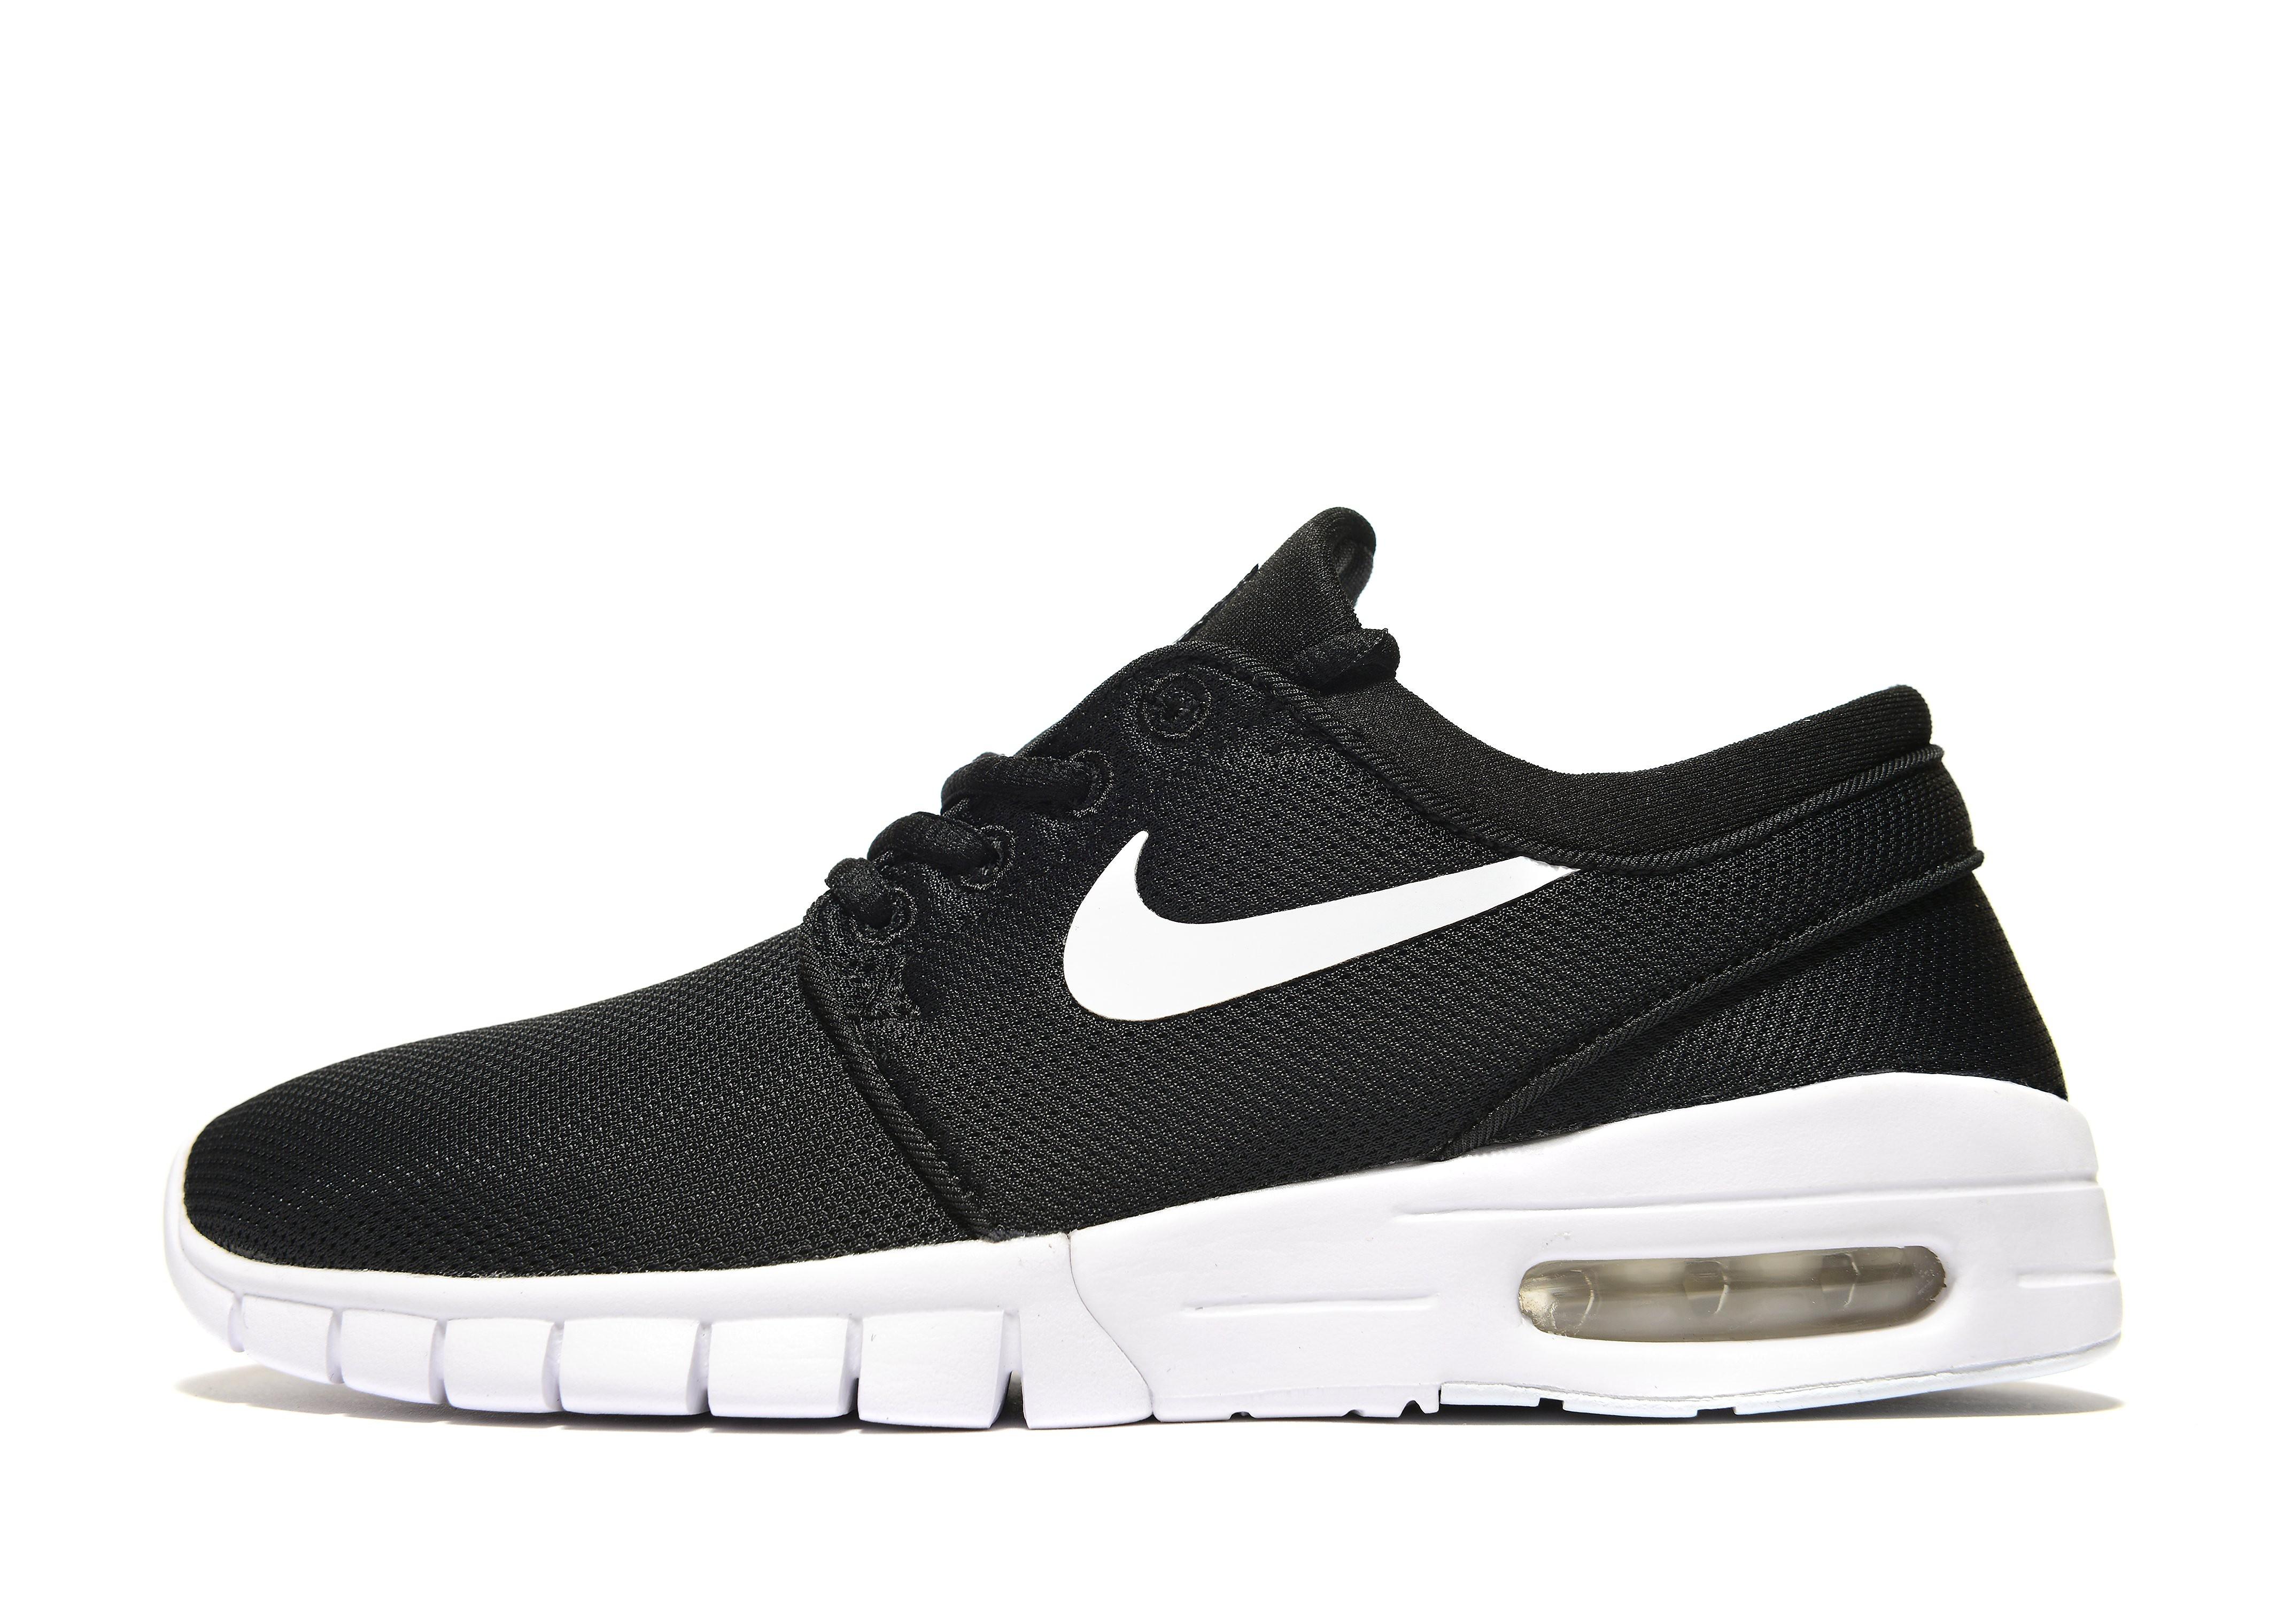 Nike Janoski Max Junior - Black/White, Black/White